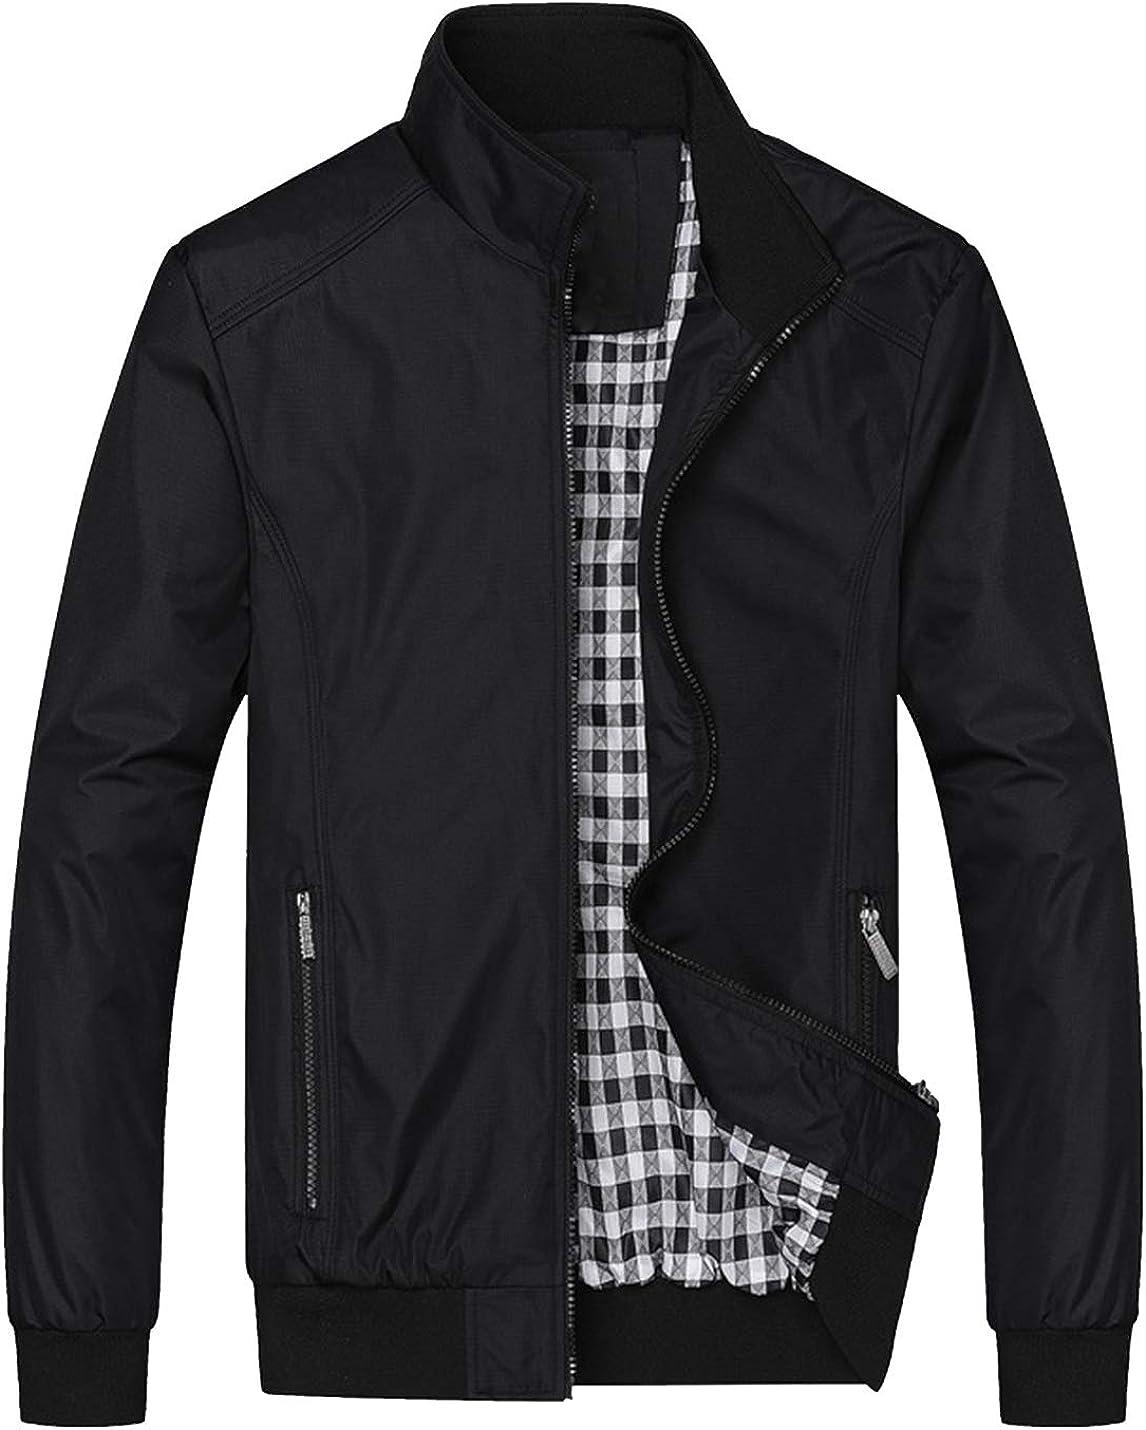 HaoMay Men's Business Lightweight Full Zip Fleece Lined Bomber Jacket